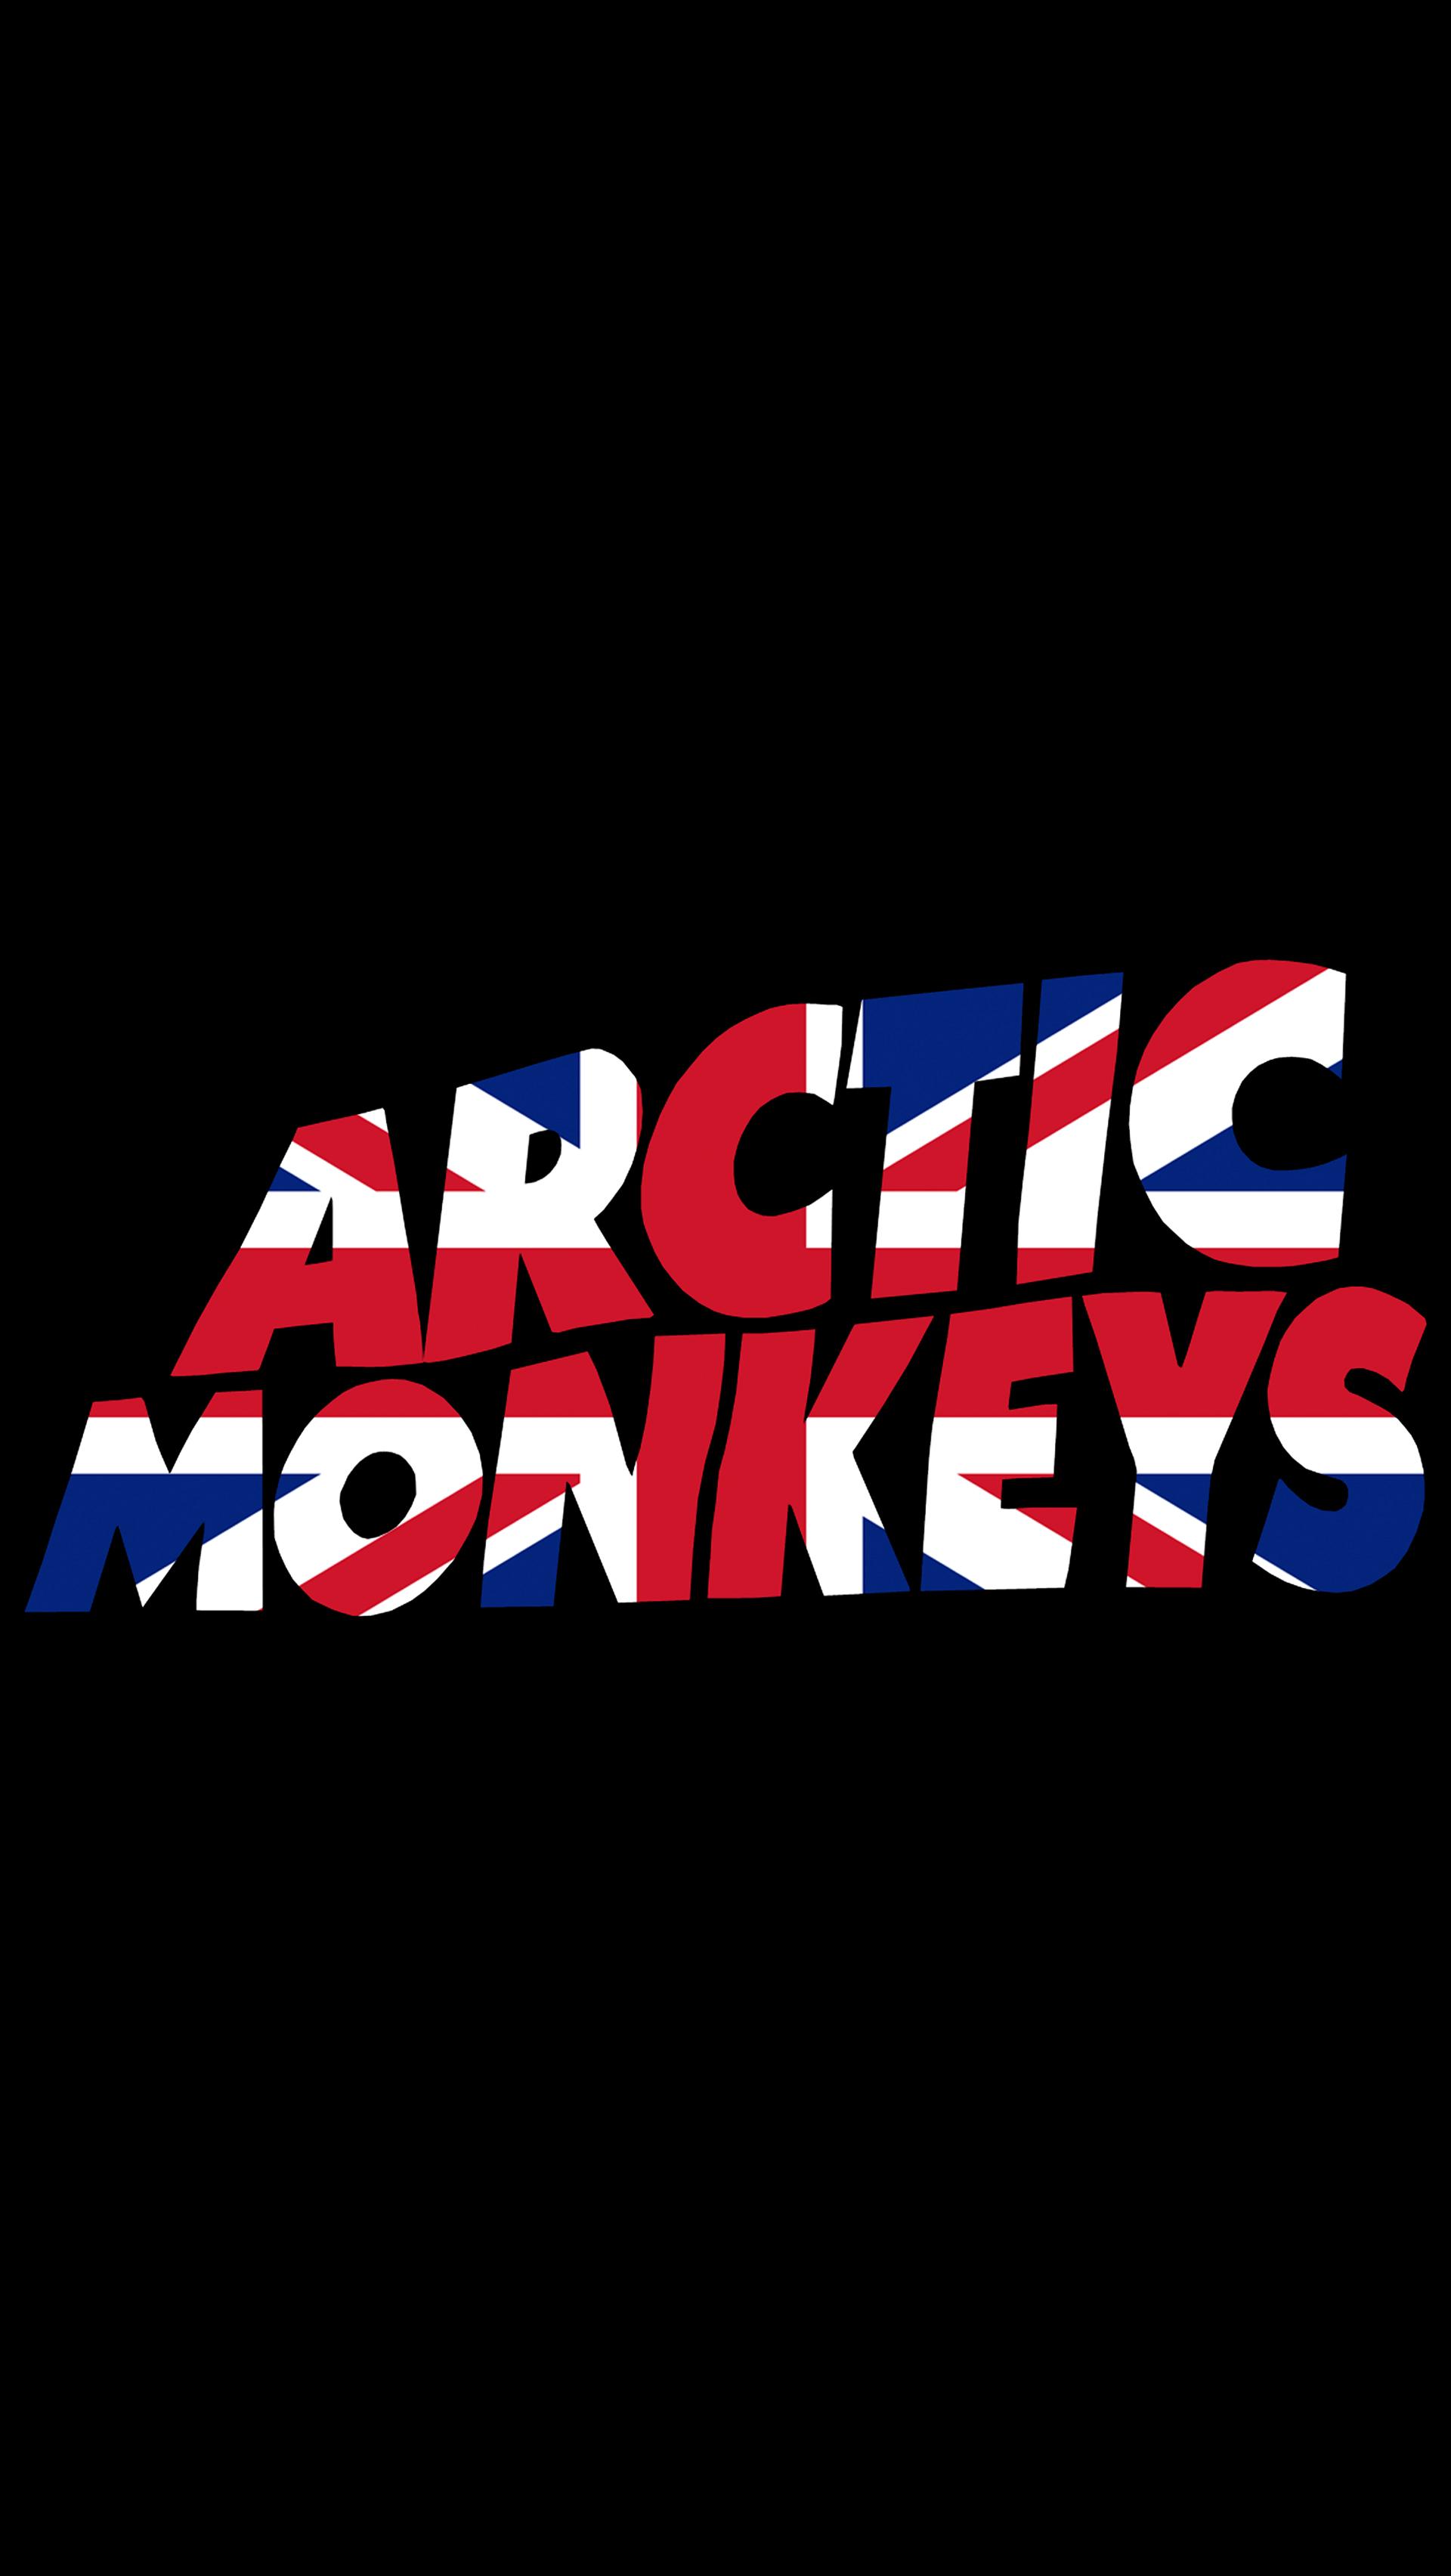 Oasis Wallpaper Iphone 5 Arctic Monkeys